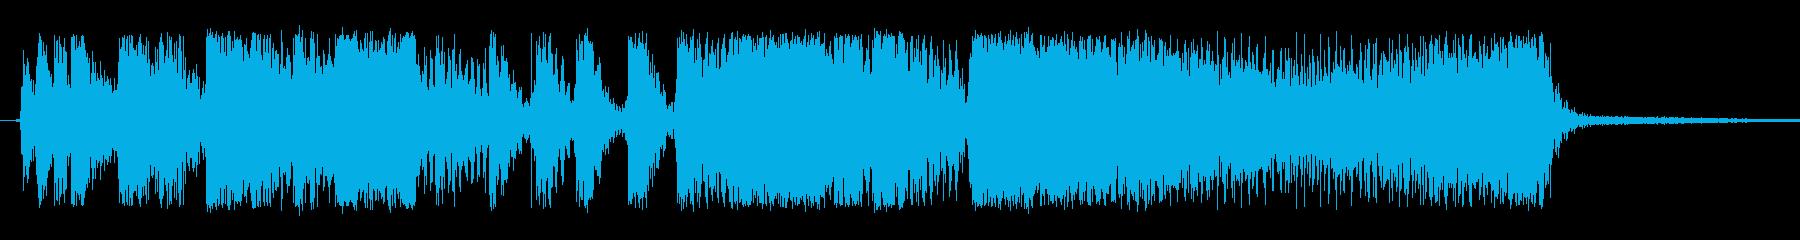 シネマティック コーポレートの再生済みの波形